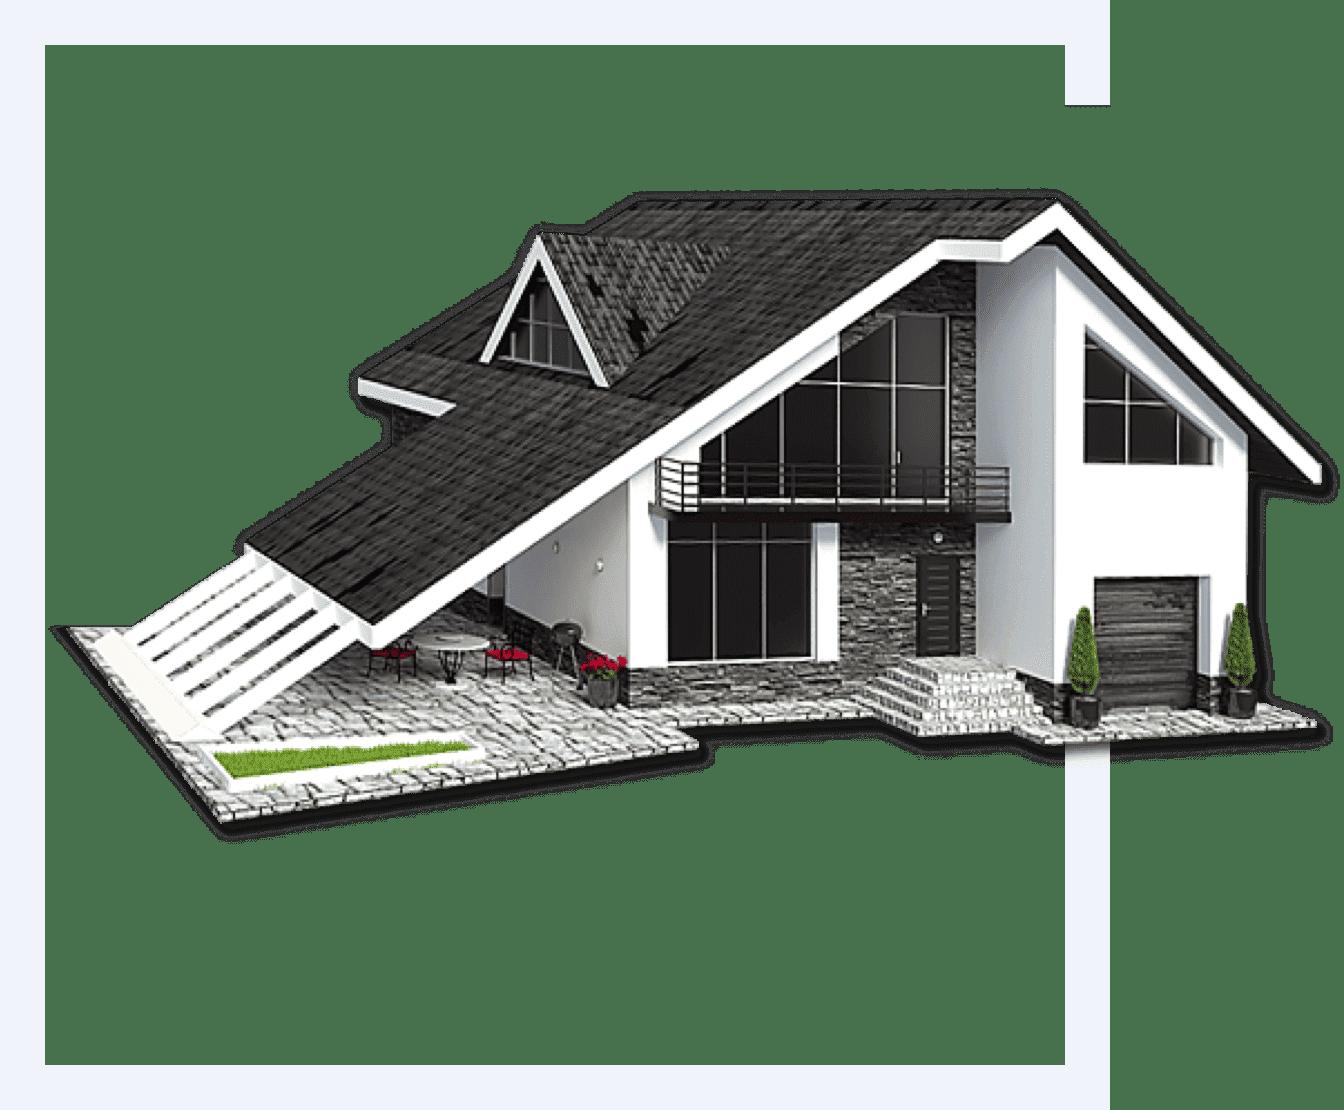 Каталог проектов домов в Иркутске, фото, цены